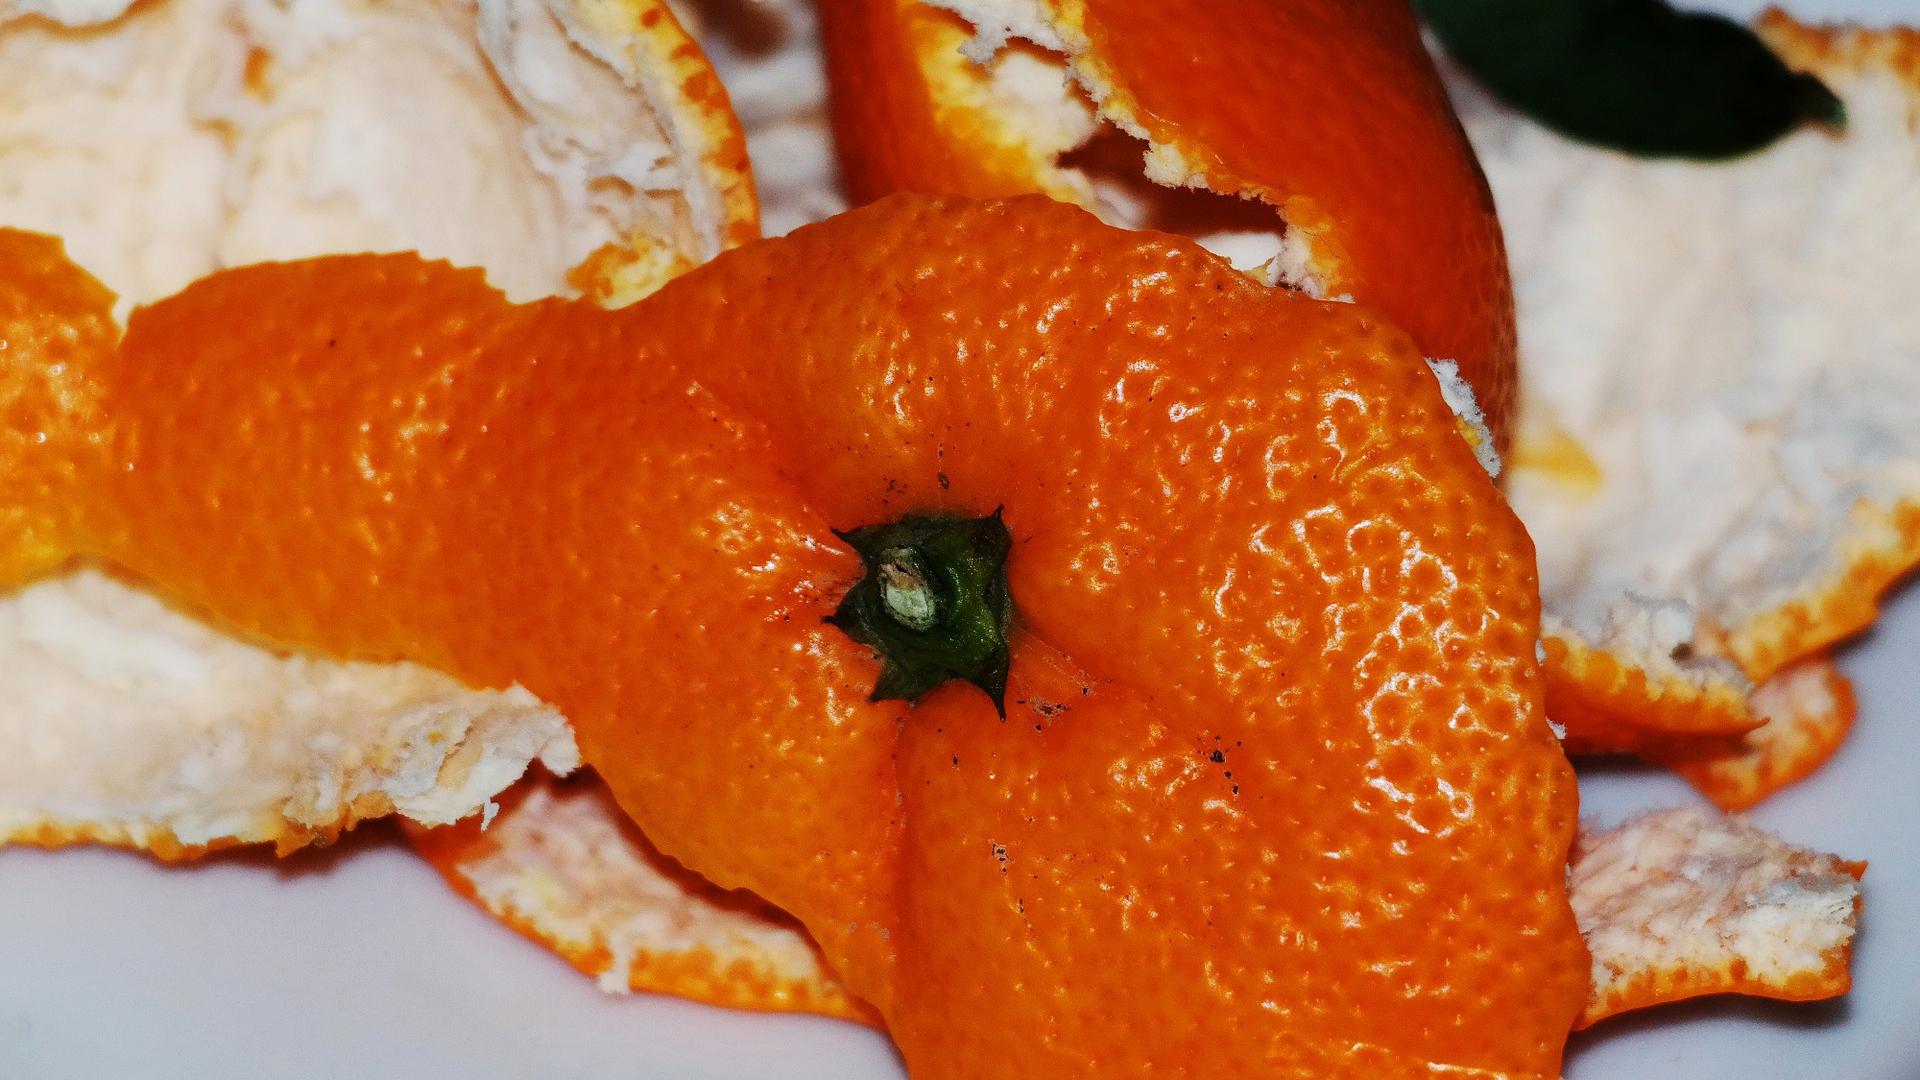 संतरे के छिलके को बेकार समझकर फेंकने की न करें गलती, ऐसे करें इसका इस्तेमाल और बढ़ाएं अपनी खूबसूरती